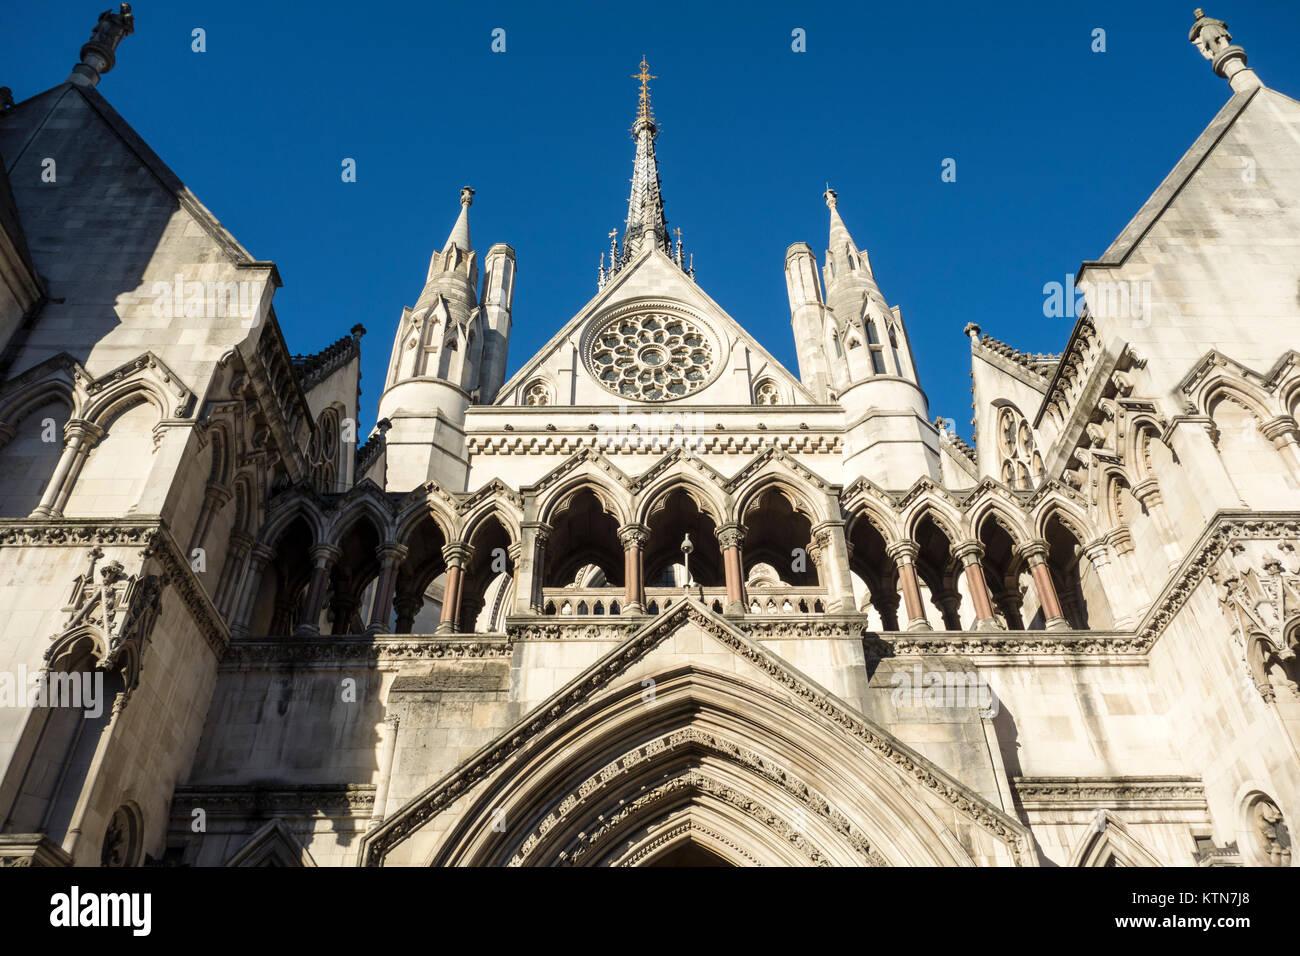 Las Cortes Reales de Justicia, Londres, Reino Unido. Imagen De Stock